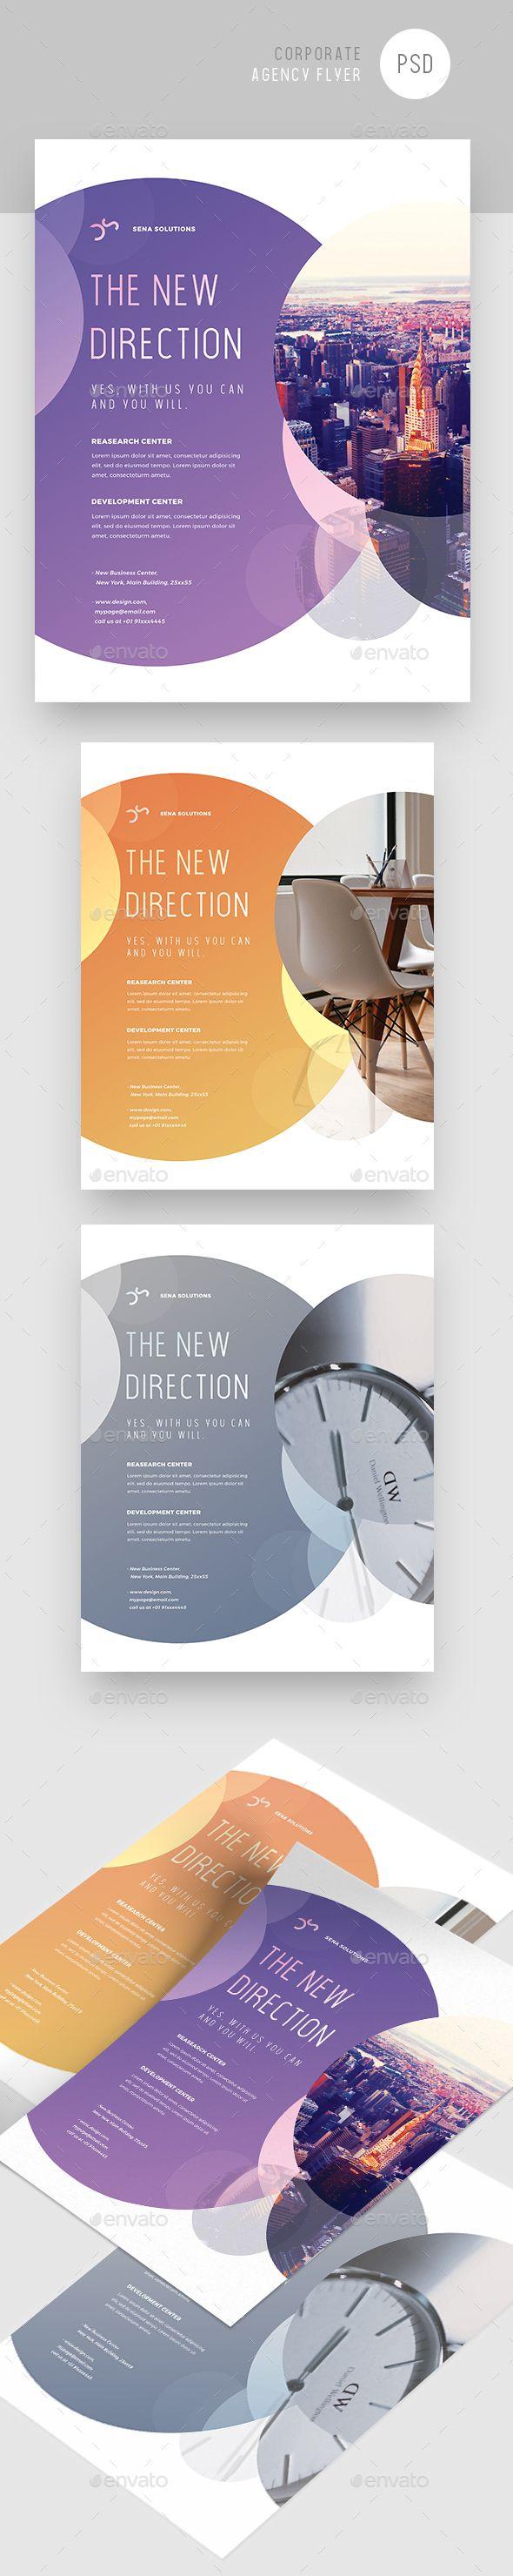 3394 best Design / Inspiration images on Pinterest | Digital ... for Creative Poster Designs Inspiration  104xkb